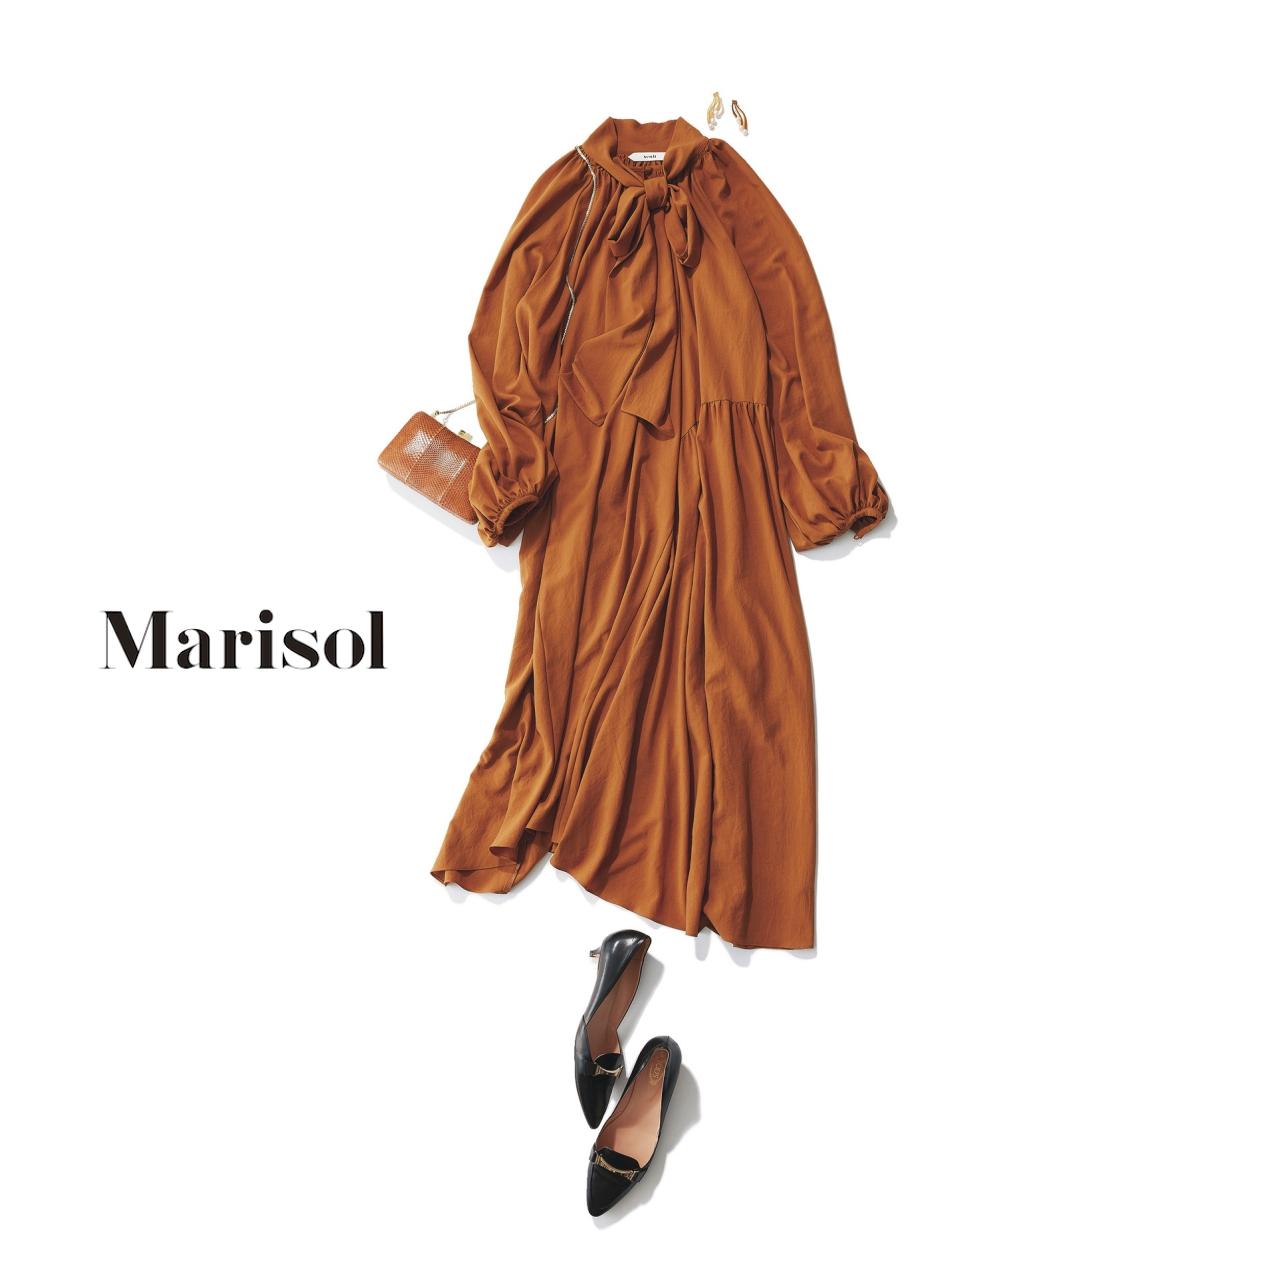 40代ファッション ボウタイドレス×キャメルパンプスコーデ